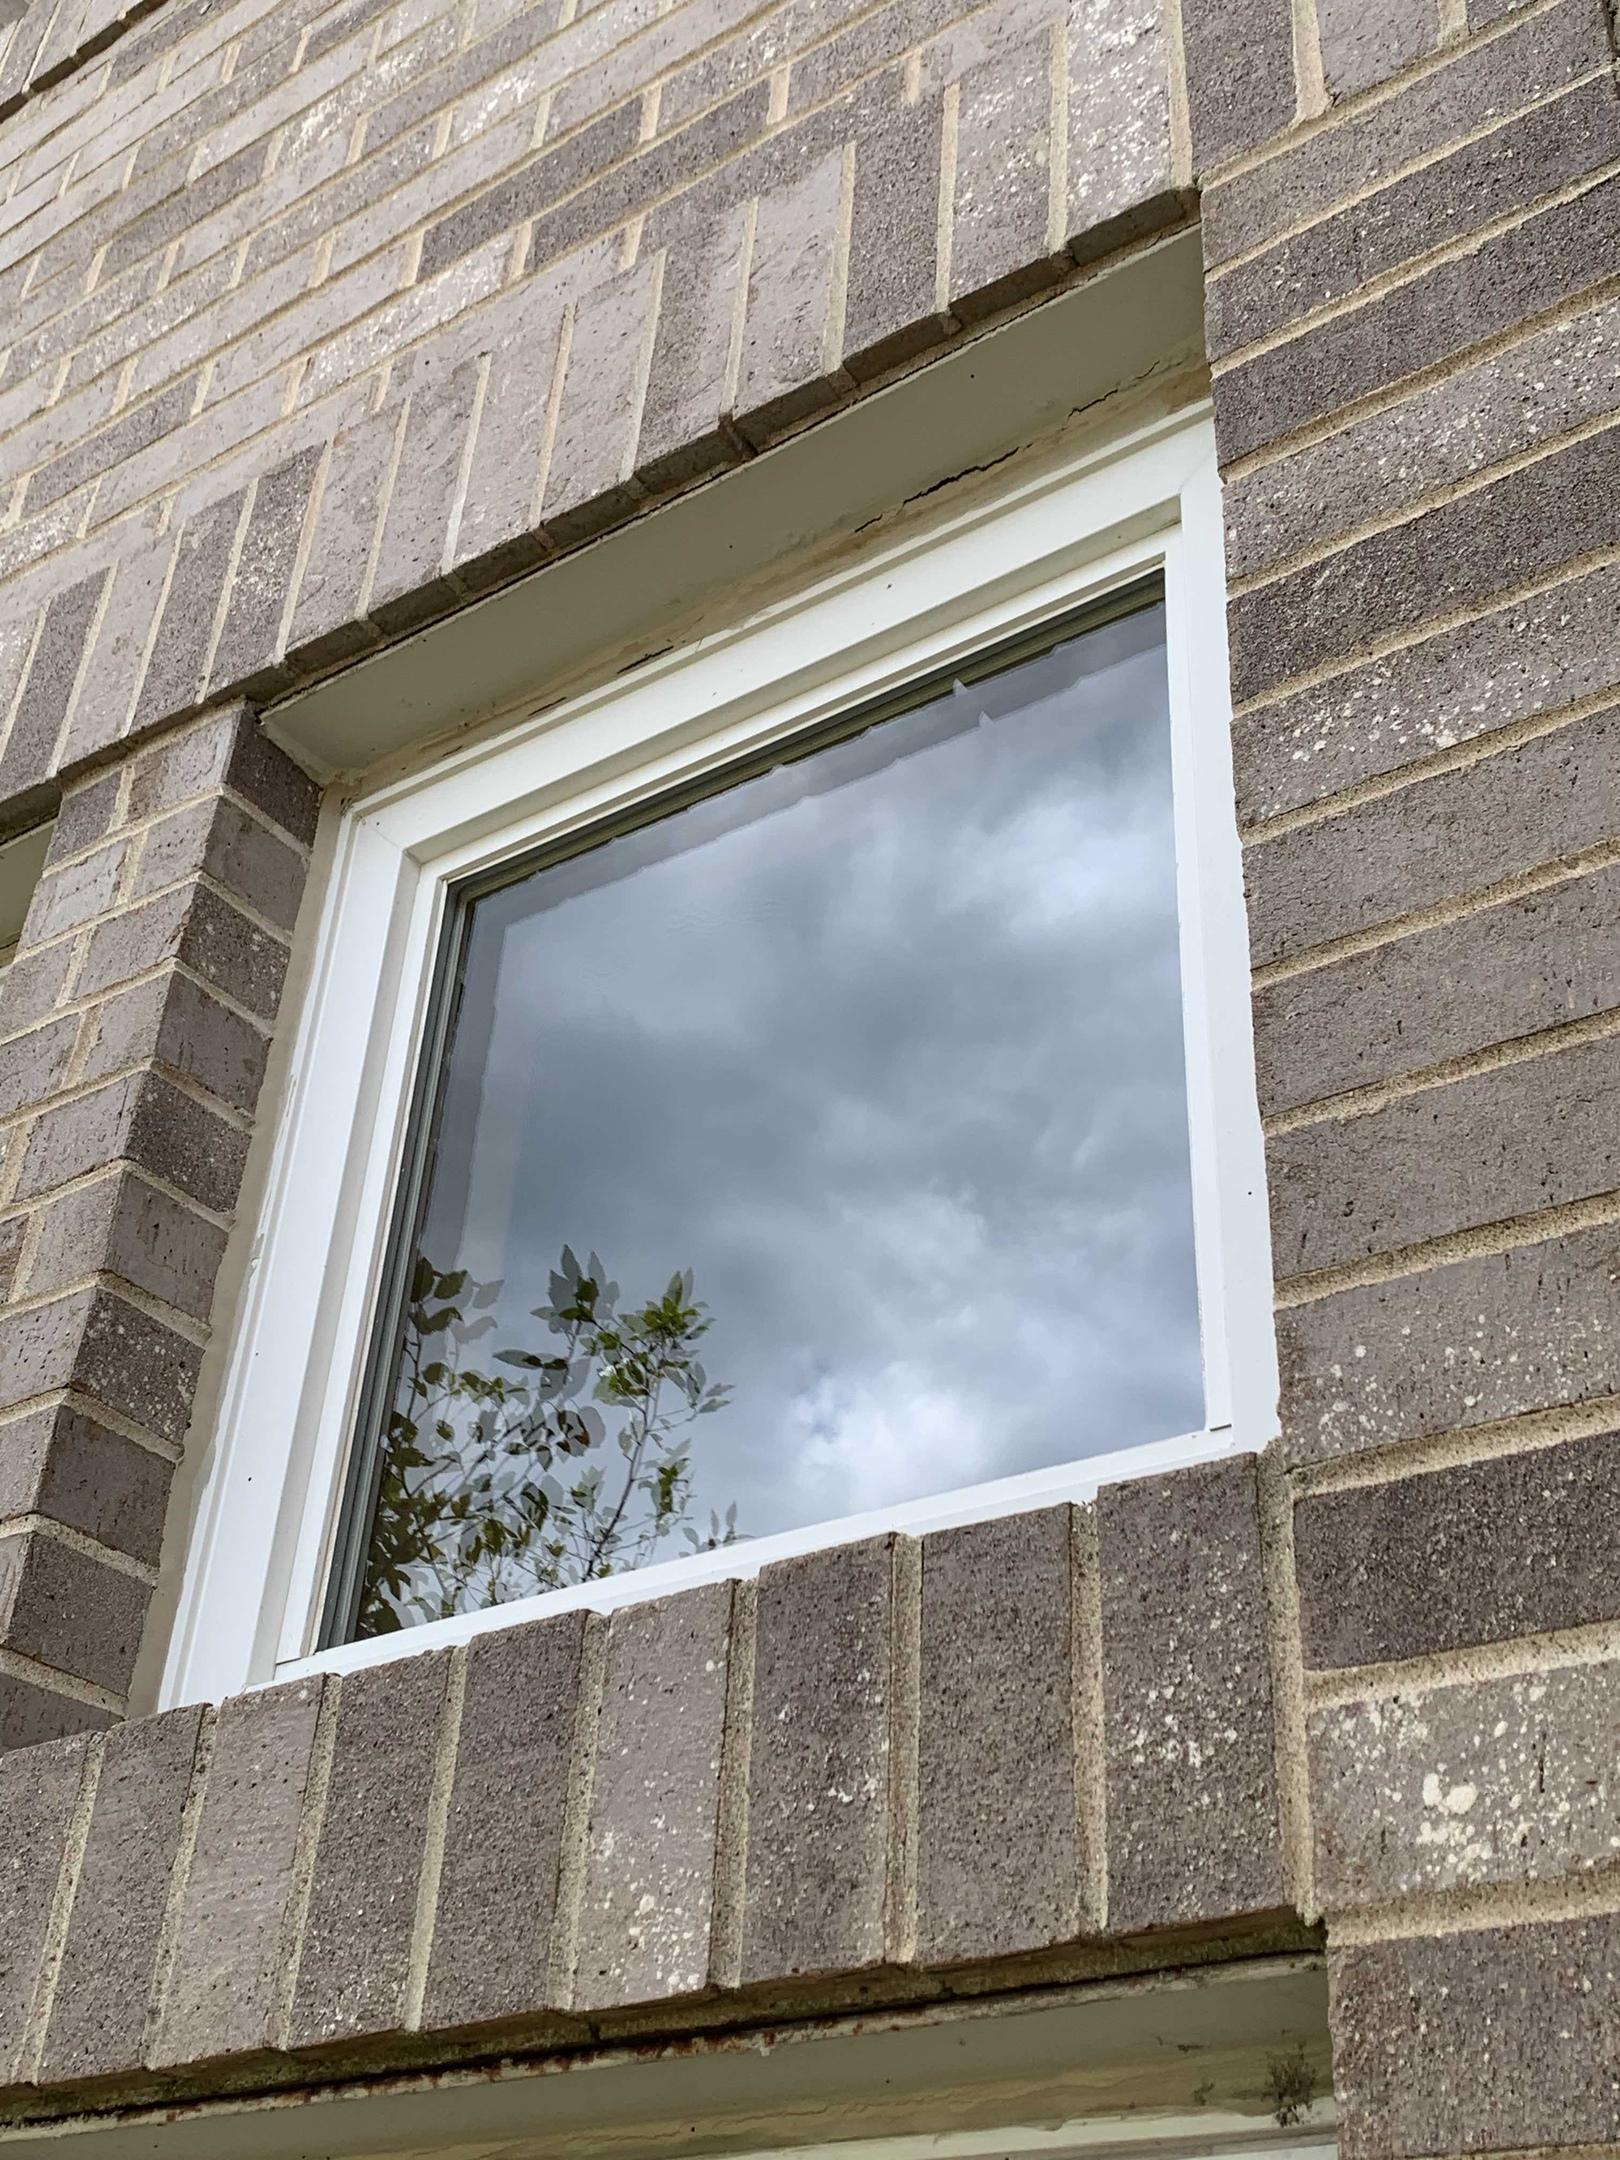 Glass replacement in vinyl window